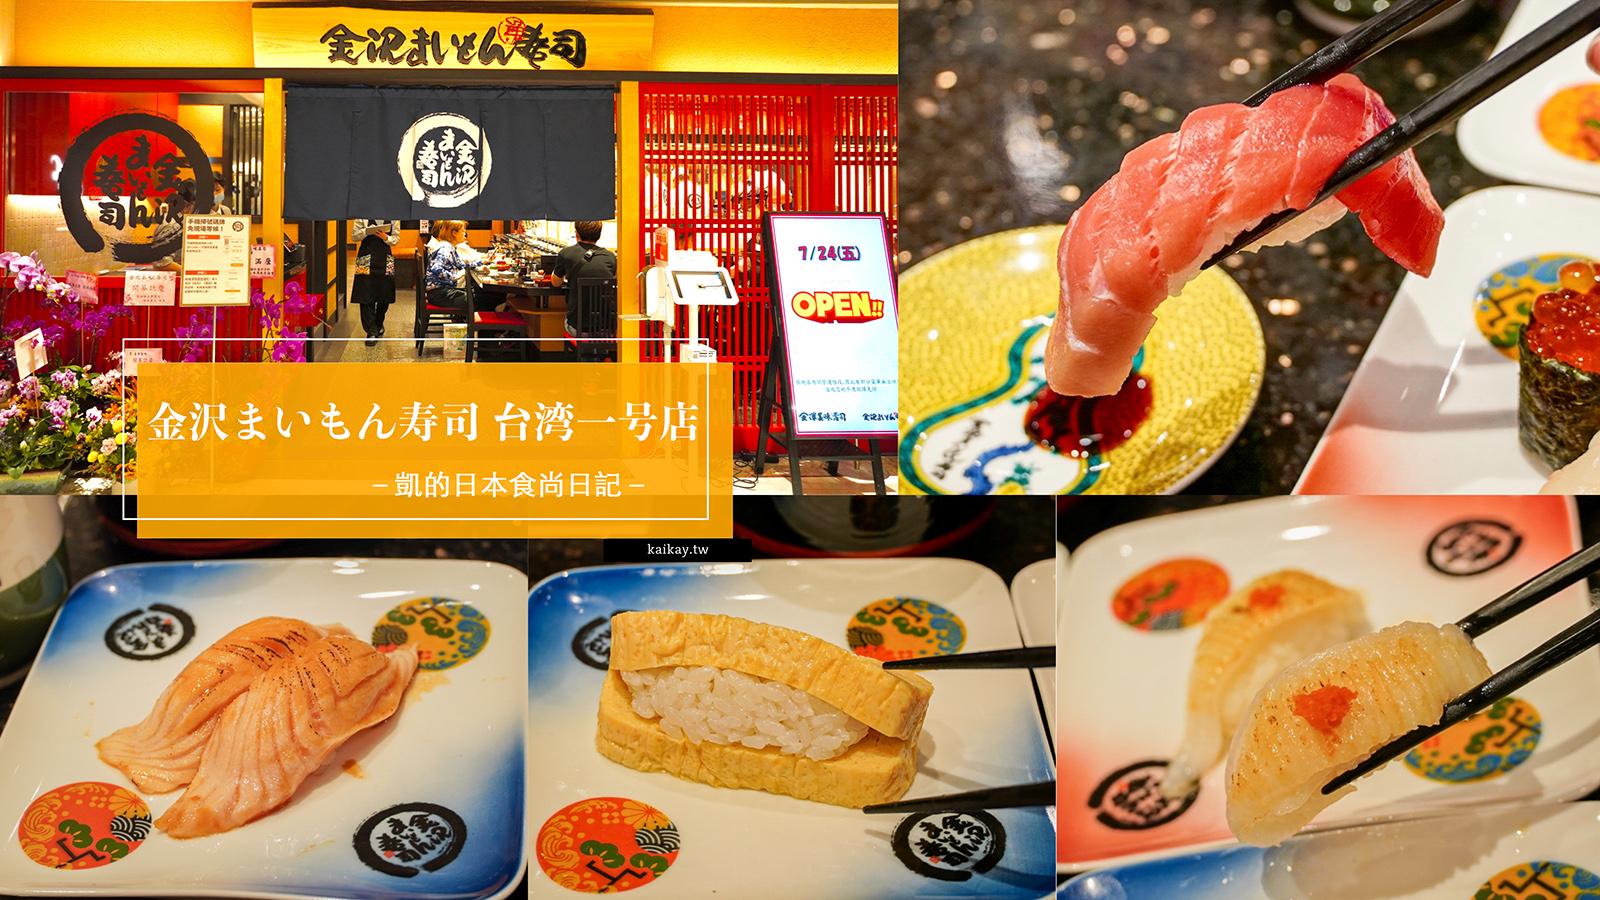 即時熱門文章:☆【有片】金沢まいもん寿司 金澤美味壽司真的美味嗎?感想老實說